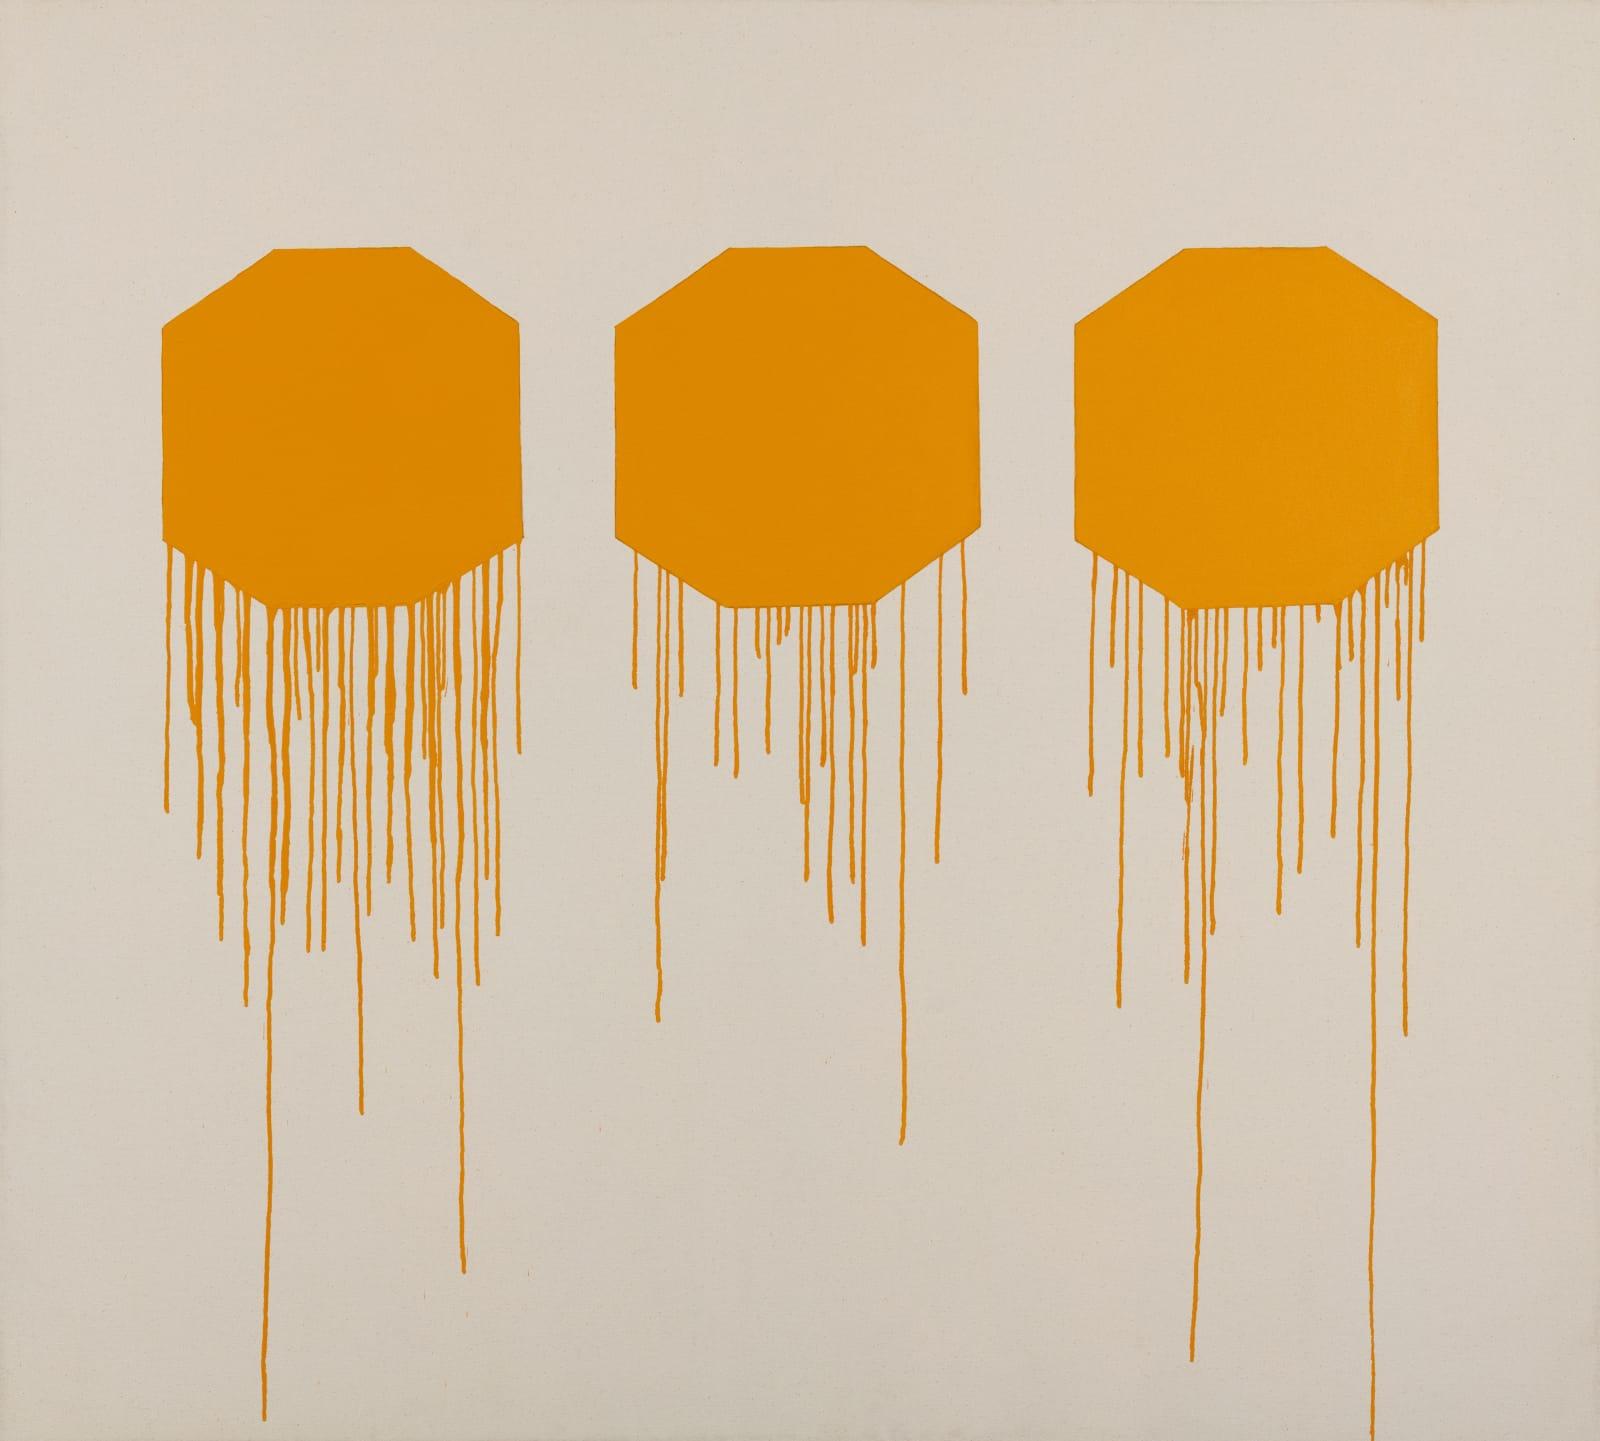 Julie Umerle, Three Octagons, 2017